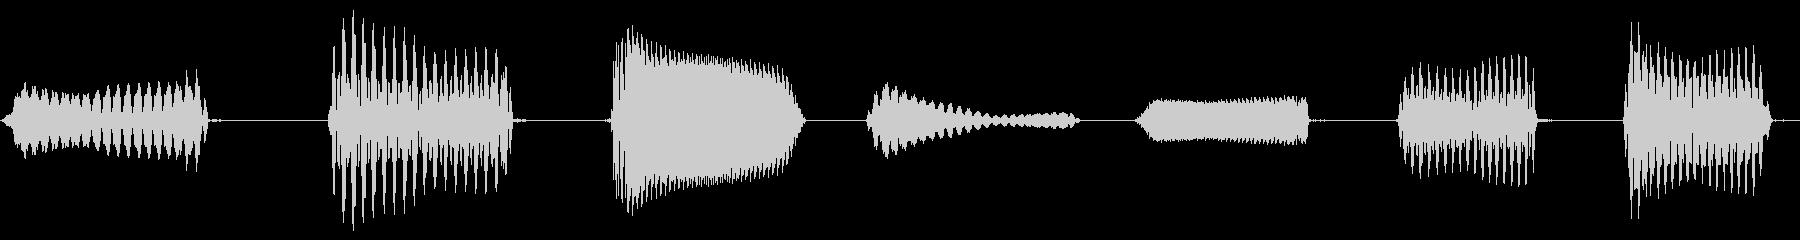 電話はいくつかの音が鳴ります2の未再生の波形